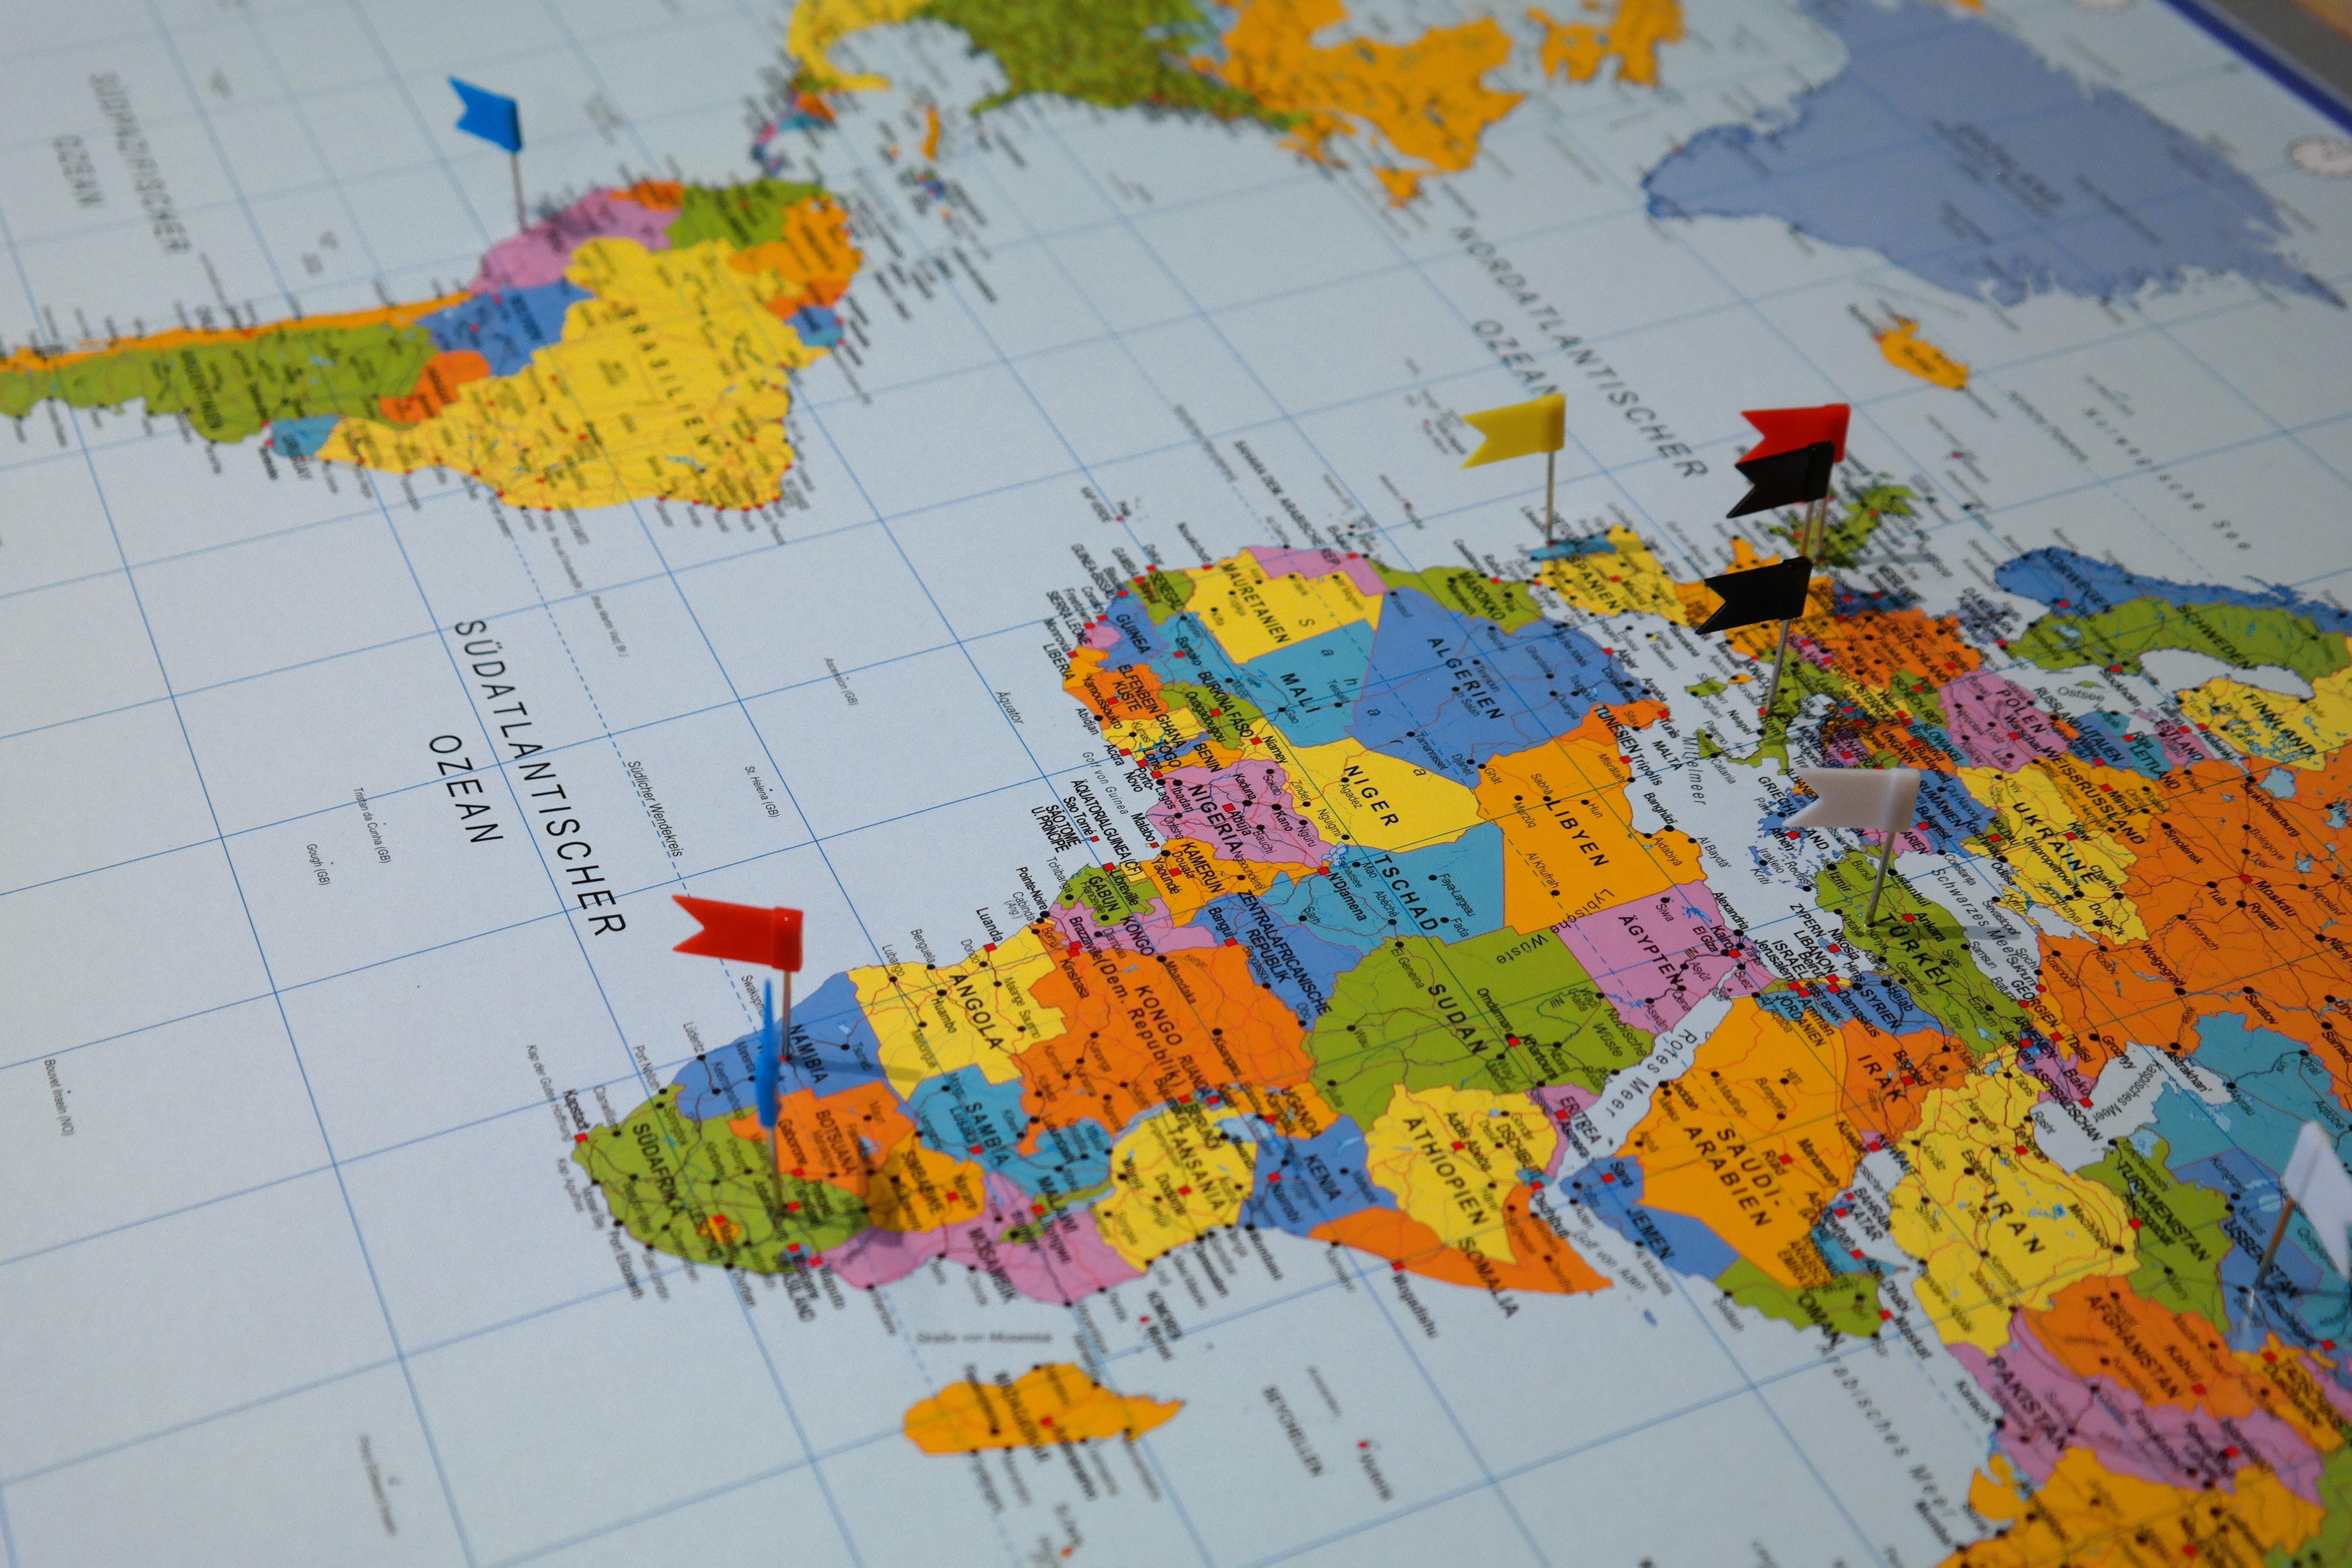 Dobrovolníci kreslí mapy pro Lékaře bez hranic